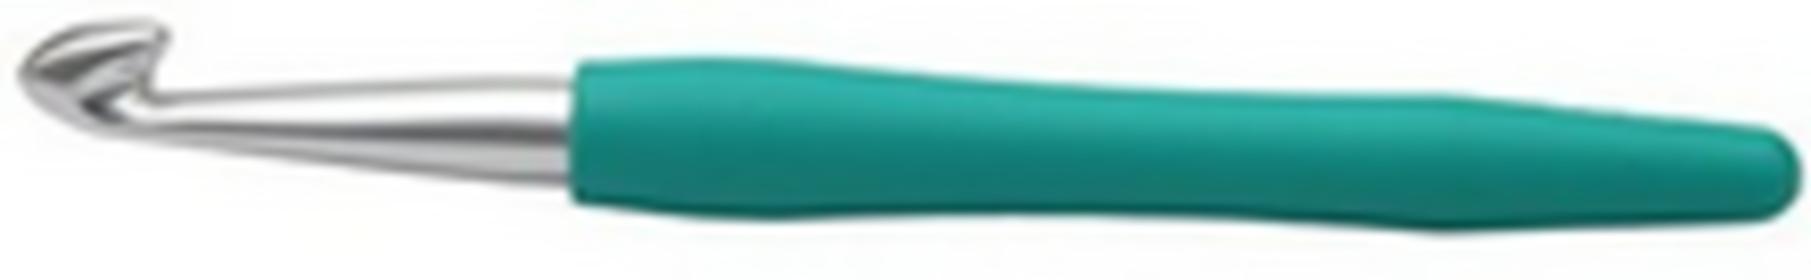 KnitPro Waves 30918 szydełko tunezyjskie z miękką rączką aluminium srebrne rozmiar 10,00 mm, kolor morski (jade) KP30918